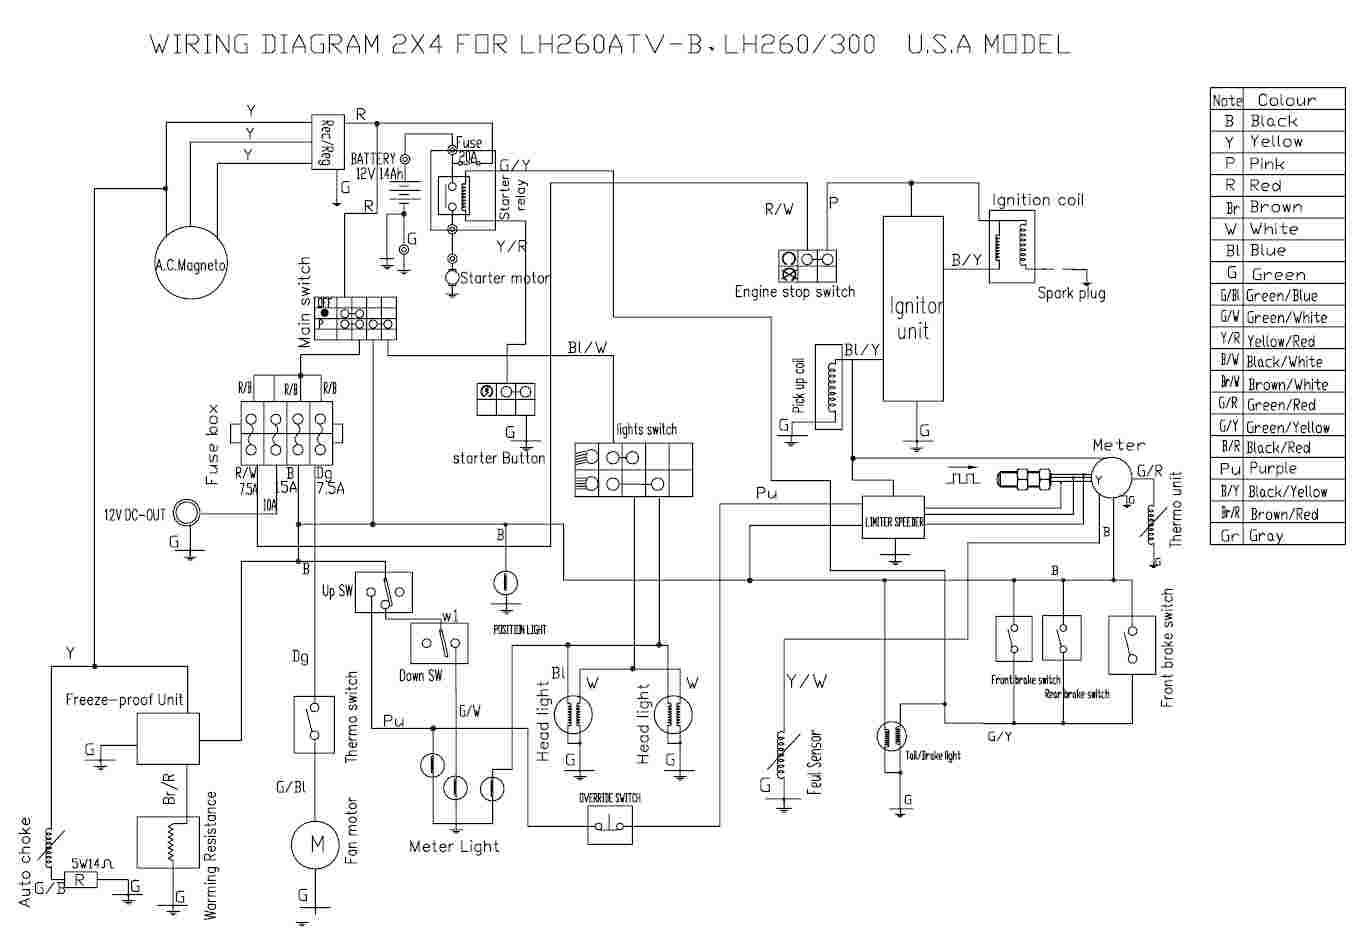 [ANLQ_8698]  Wiring Diagrams Atv Baja 250 2005 - kobe.turbo1.kurvenkratzer-touren.de   250cc Atv Wiring Diagram Switch      Diagram Source - kurvenkratzer-touren.de